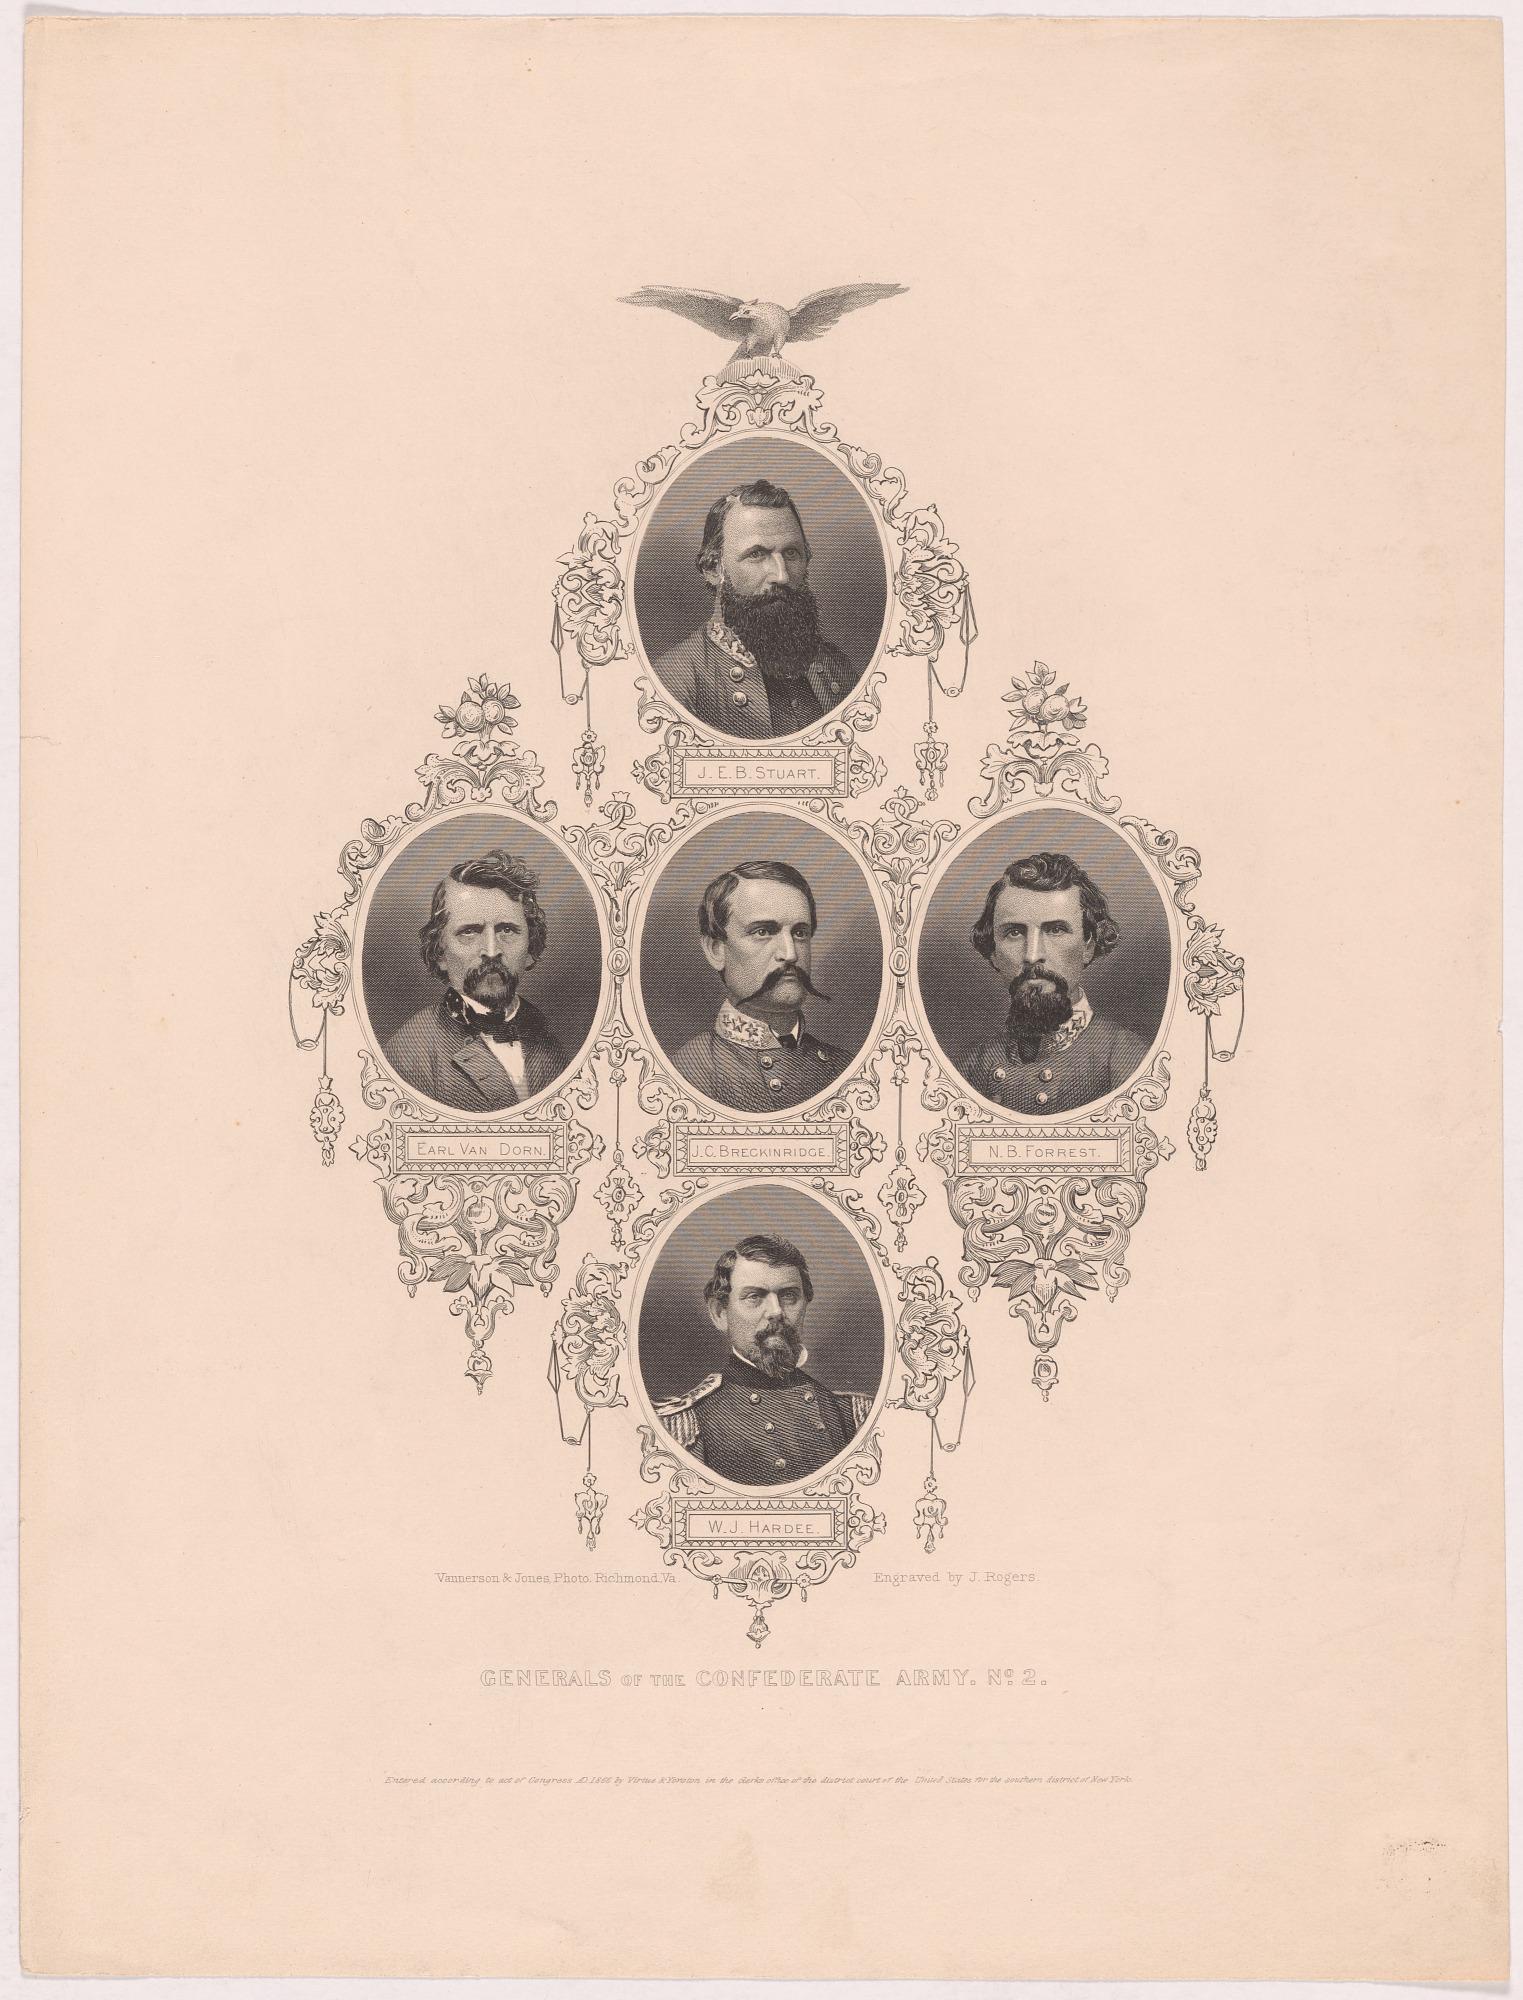 Generals Confederate Army No. 2